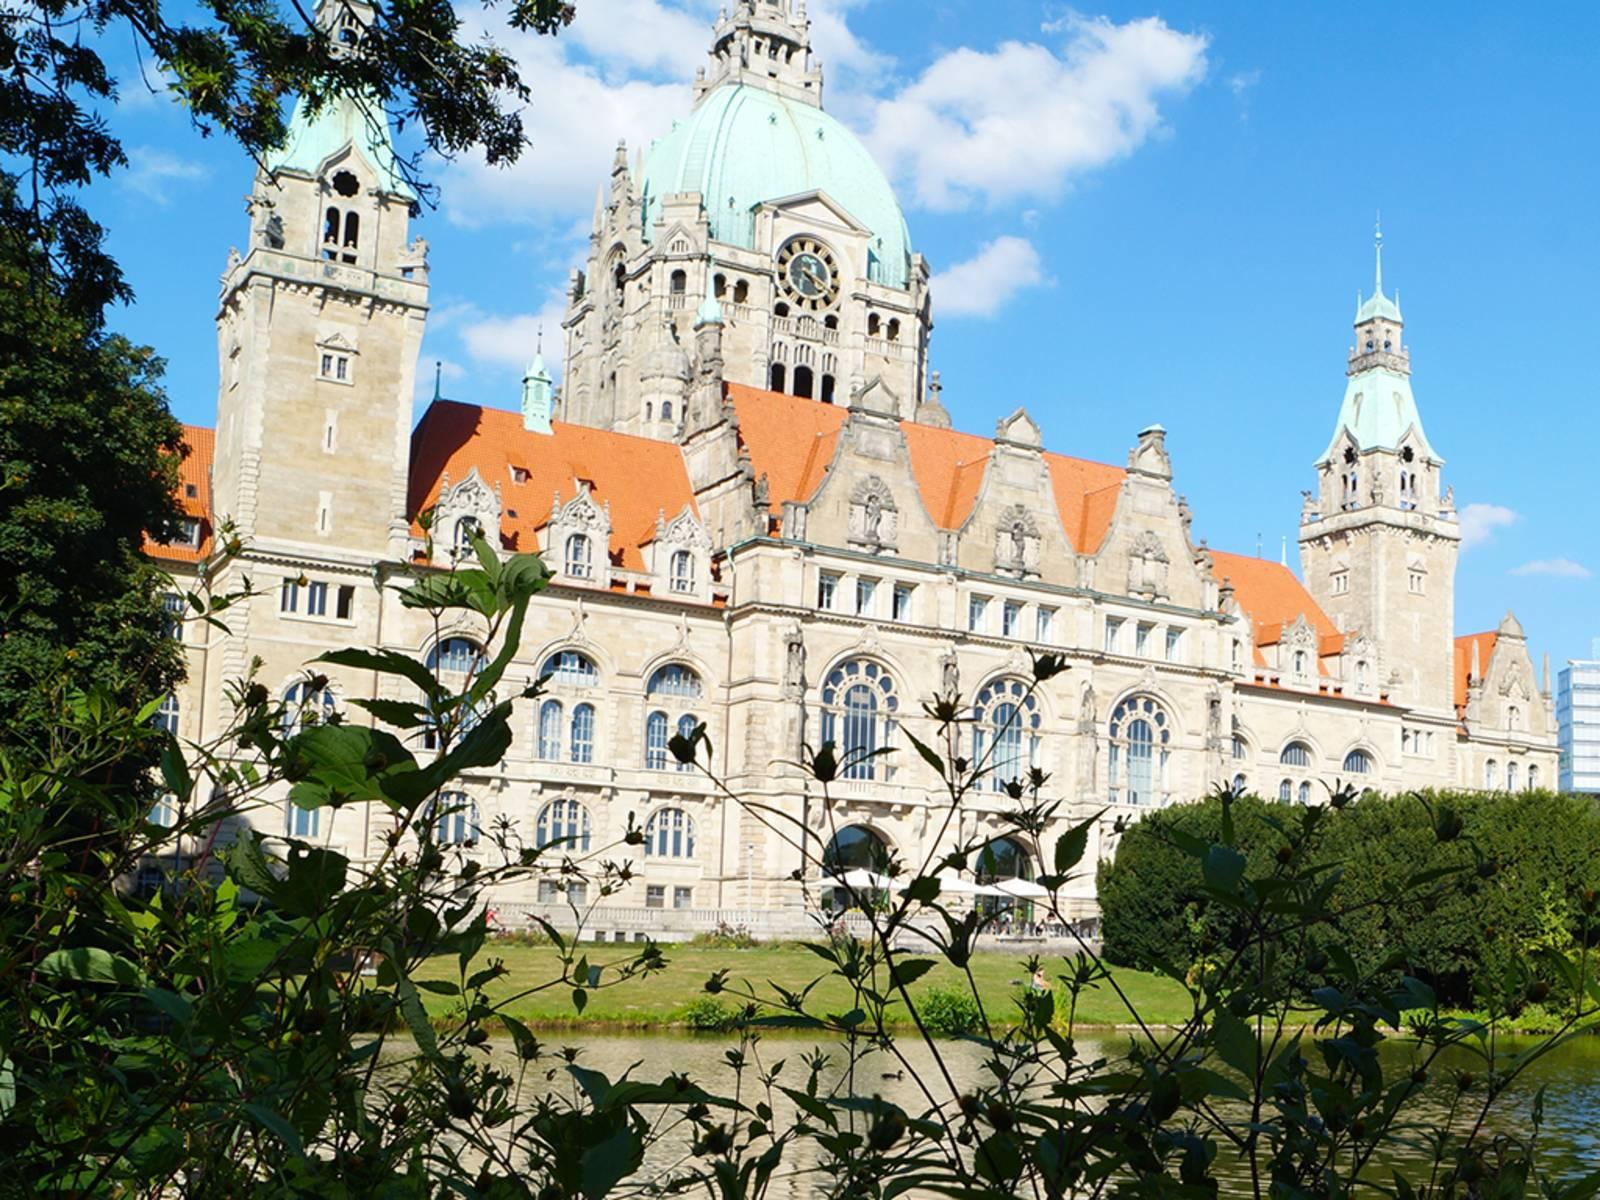 Blick auf das Neue Rathaus vom Maschteich aus, im Vordergrund Äste und Büsche